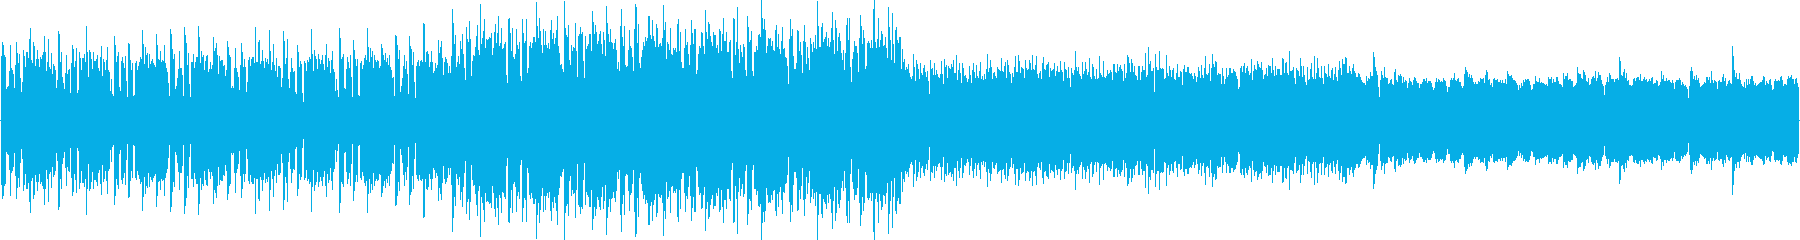 緊急を要するハラハラ感のイメージEDMの再生済みの波形